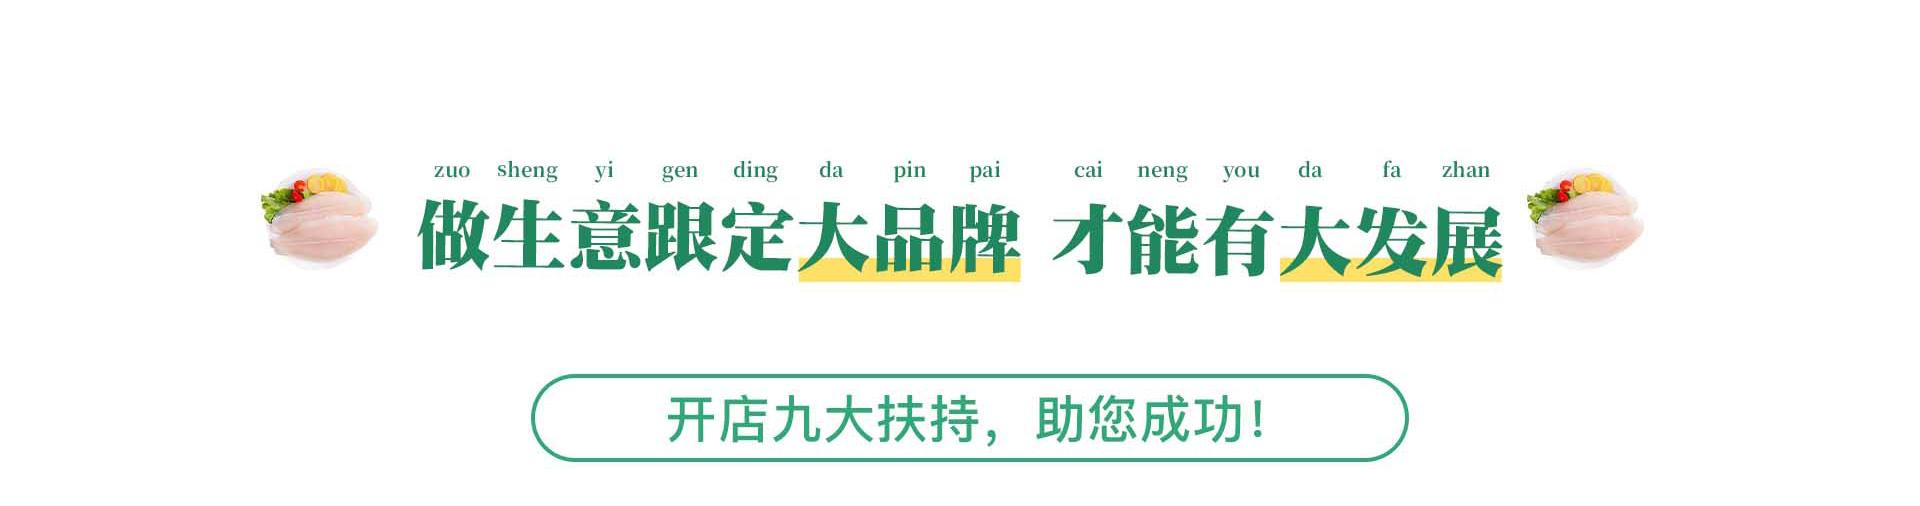 酸小七果味酸汤鱼新版详情页_21